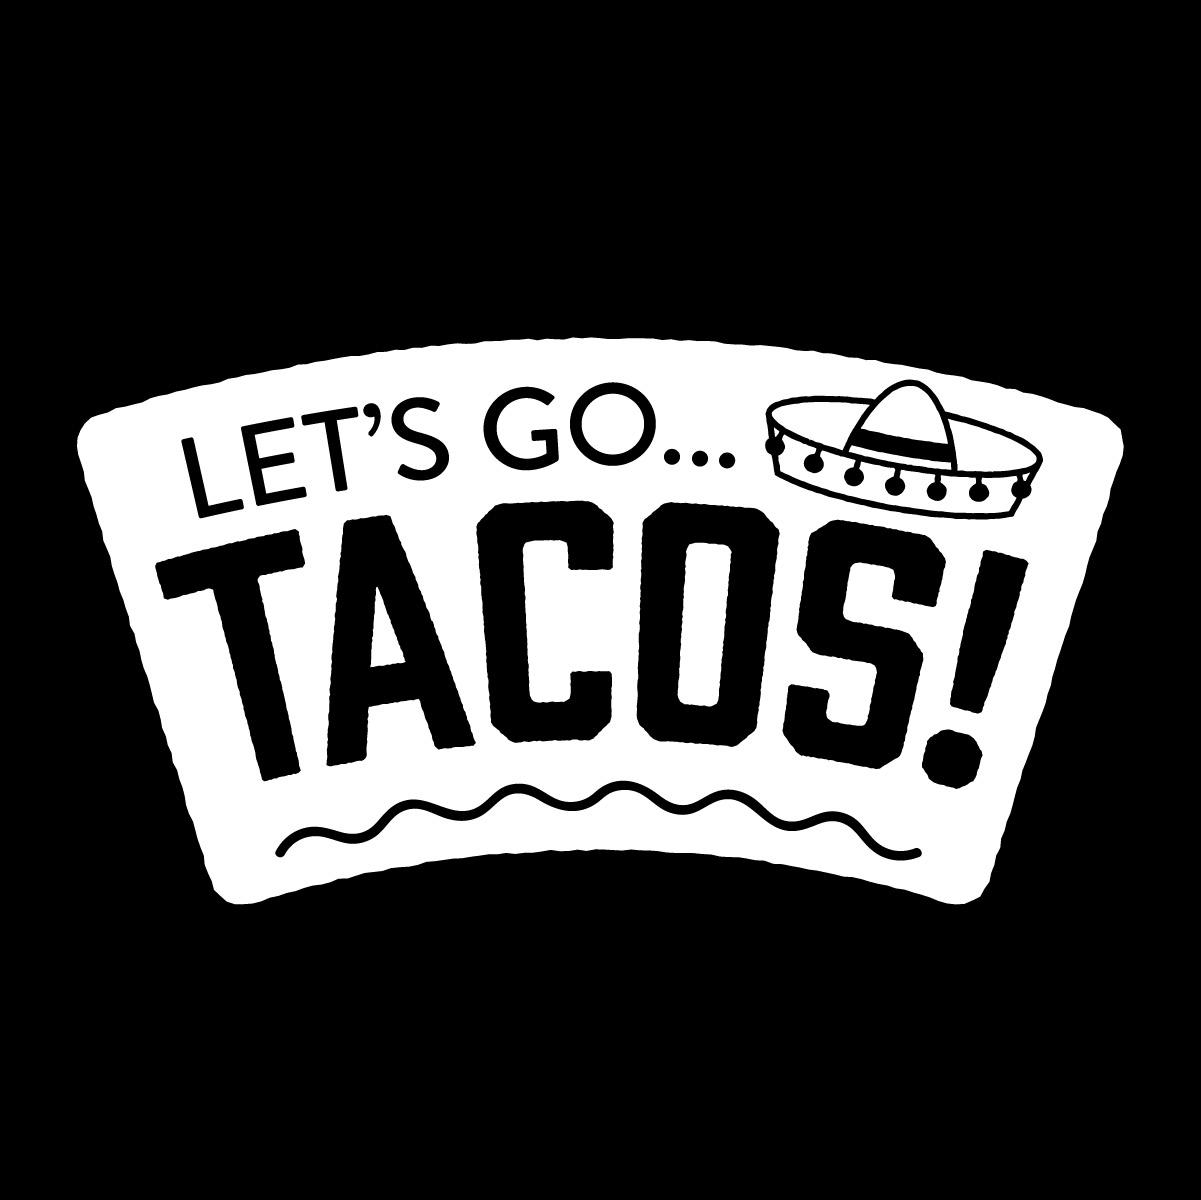 Let's Go Tacos WVU